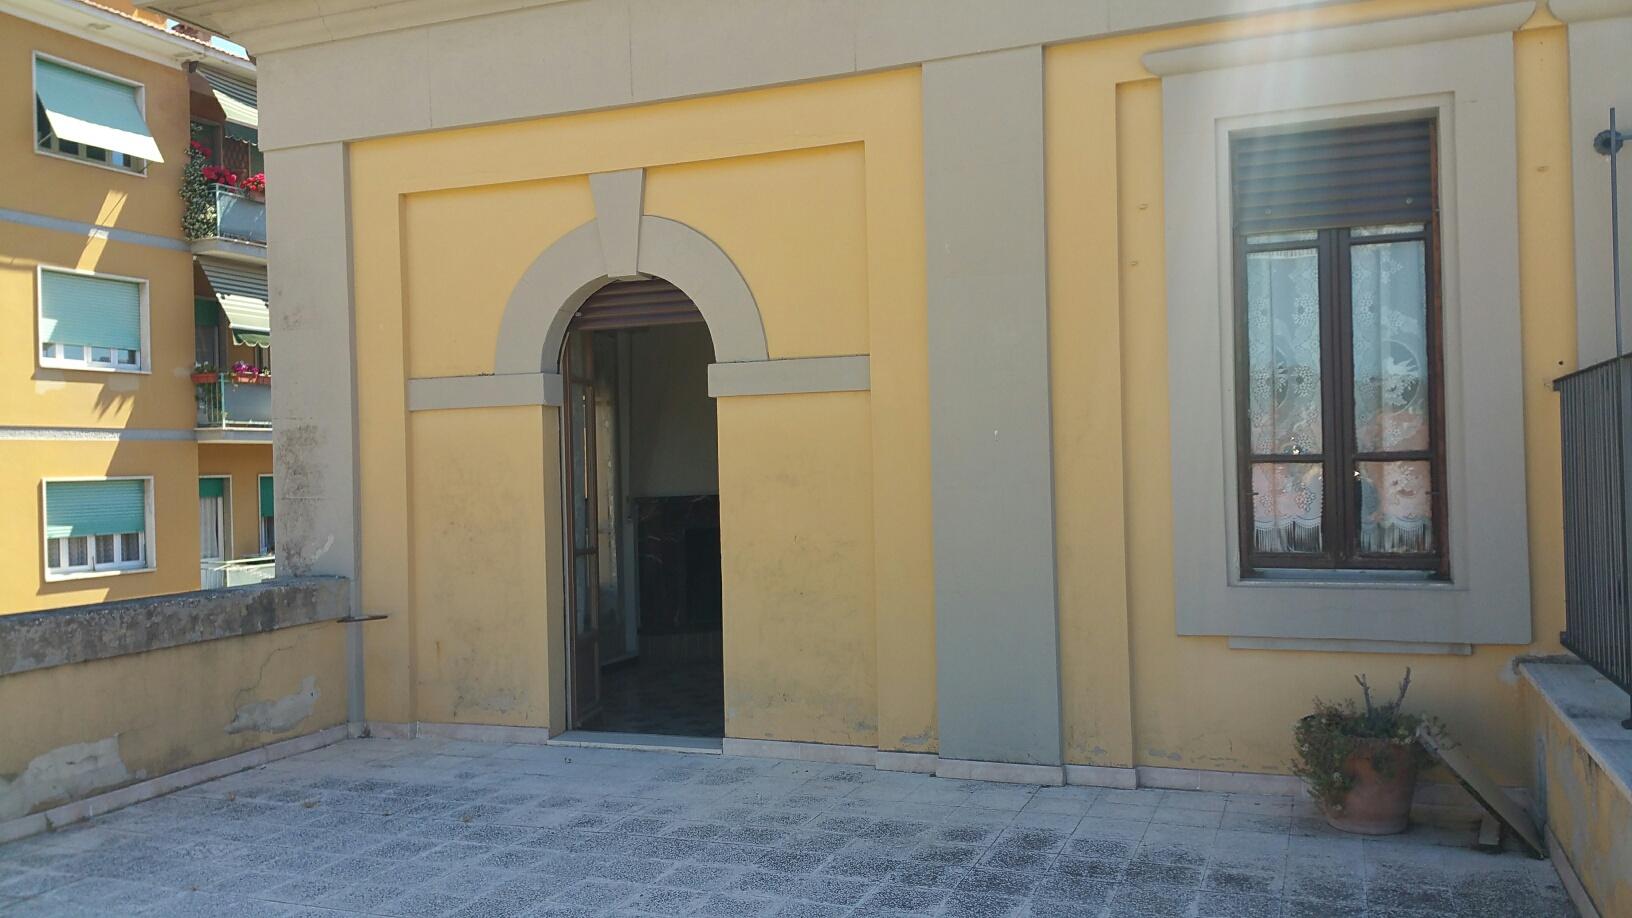 Appartamento in vendita a Ascoli Piceno, 3 locali, zona Località: CampoParignano, prezzo € 168.000 | CambioCasa.it